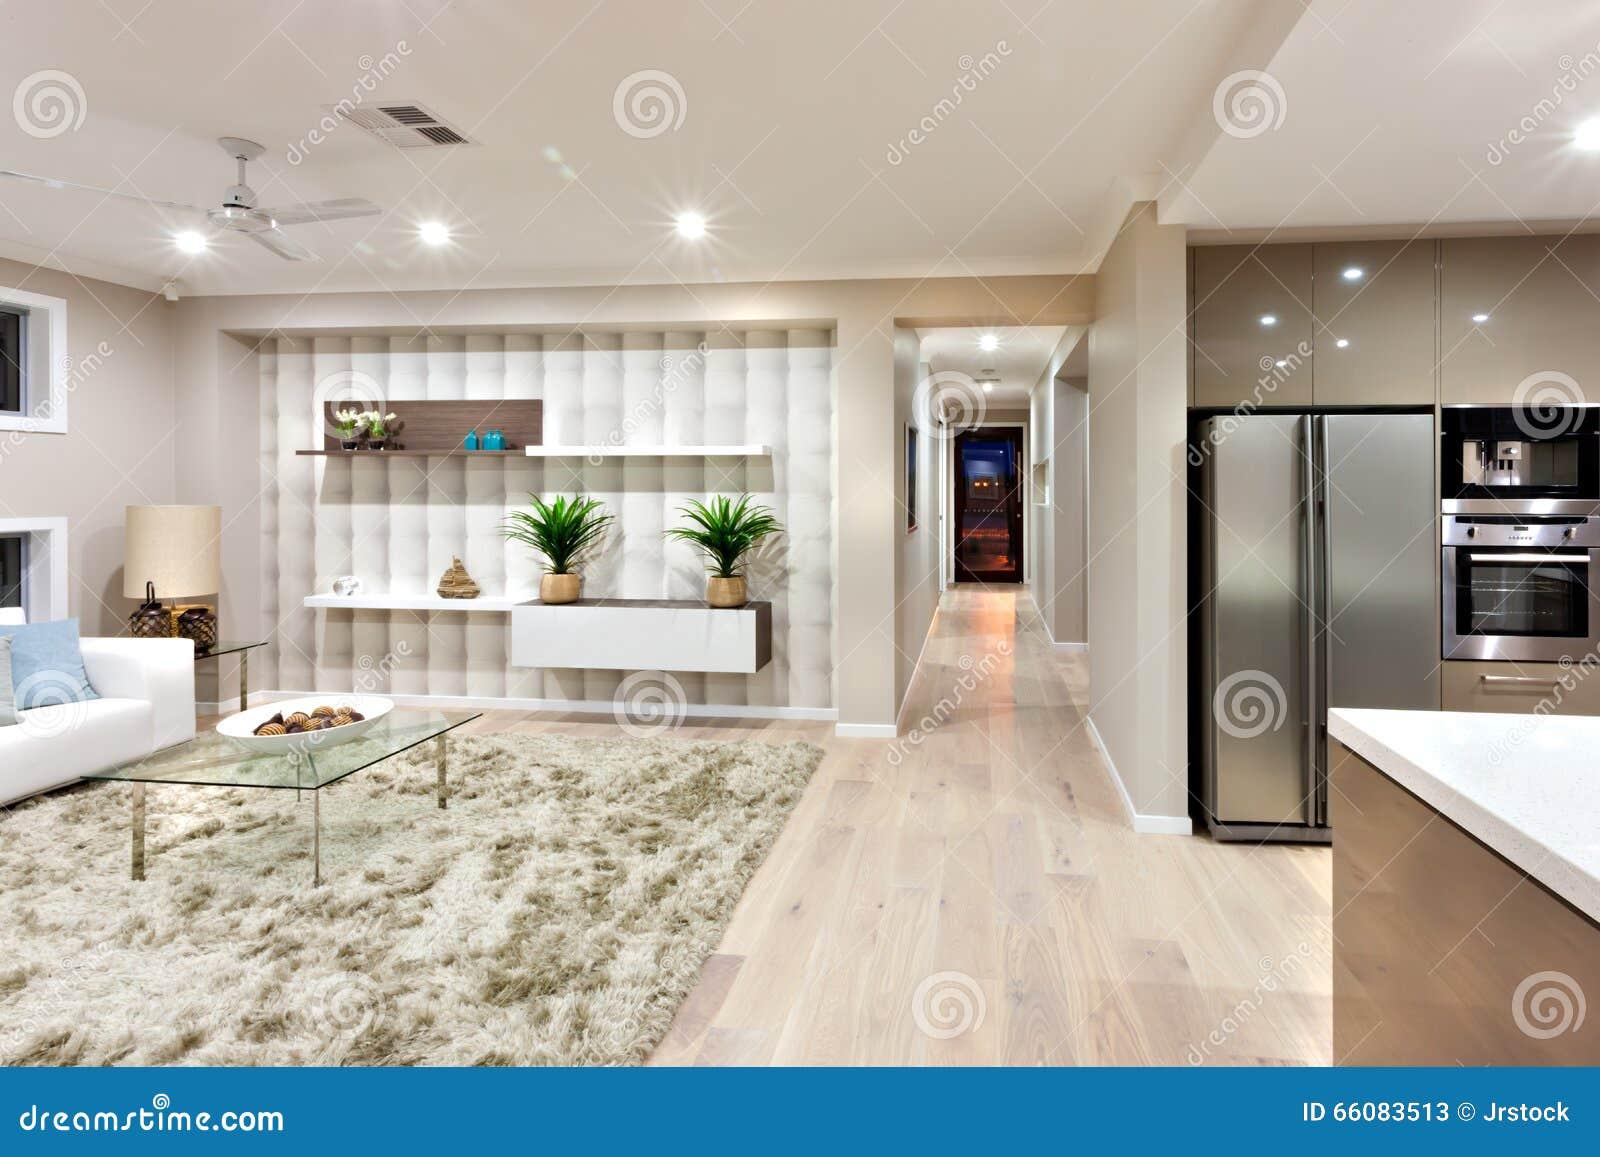 Interor della casa lussuosa con illuminazione delle luci alla notte